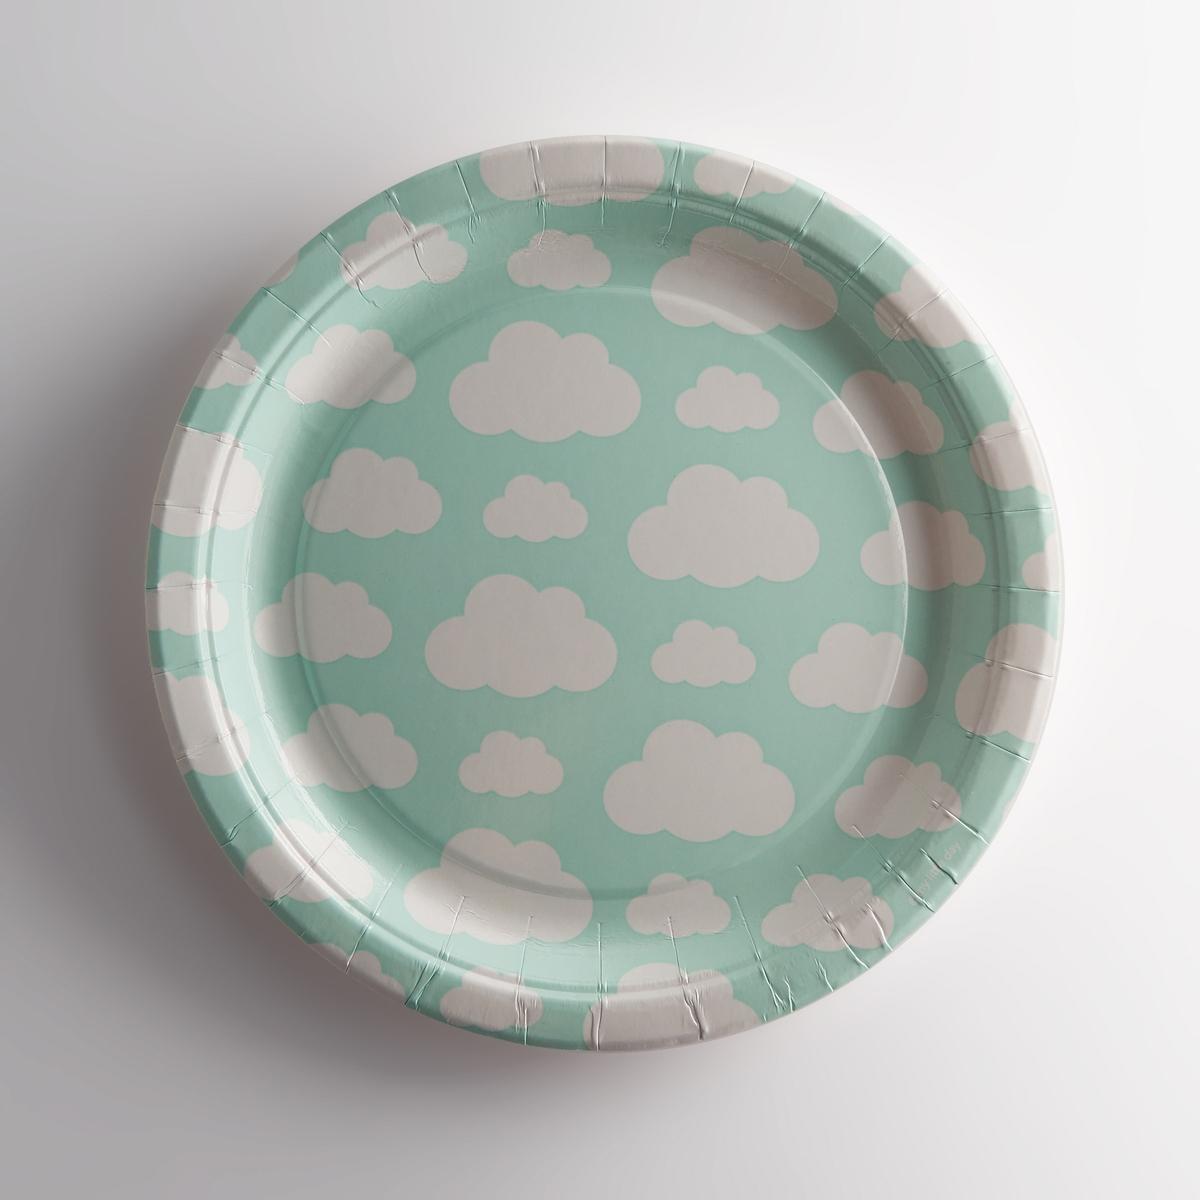 Комплект из 8 тарелок из картона с рисунком облако, CimelaХарактеристики 8 тарелок из картона с рисунком облако Cimela :Картон.Рисунок облако.Размеры 8 тарелок из картона с рисунком облако Cimela :Диаметр. 23 смДругие модели коллекции и другие коллекции предметов декора вы можете найти на сайте laredoute.ru<br><br>Цвет: рисунок синий/белый